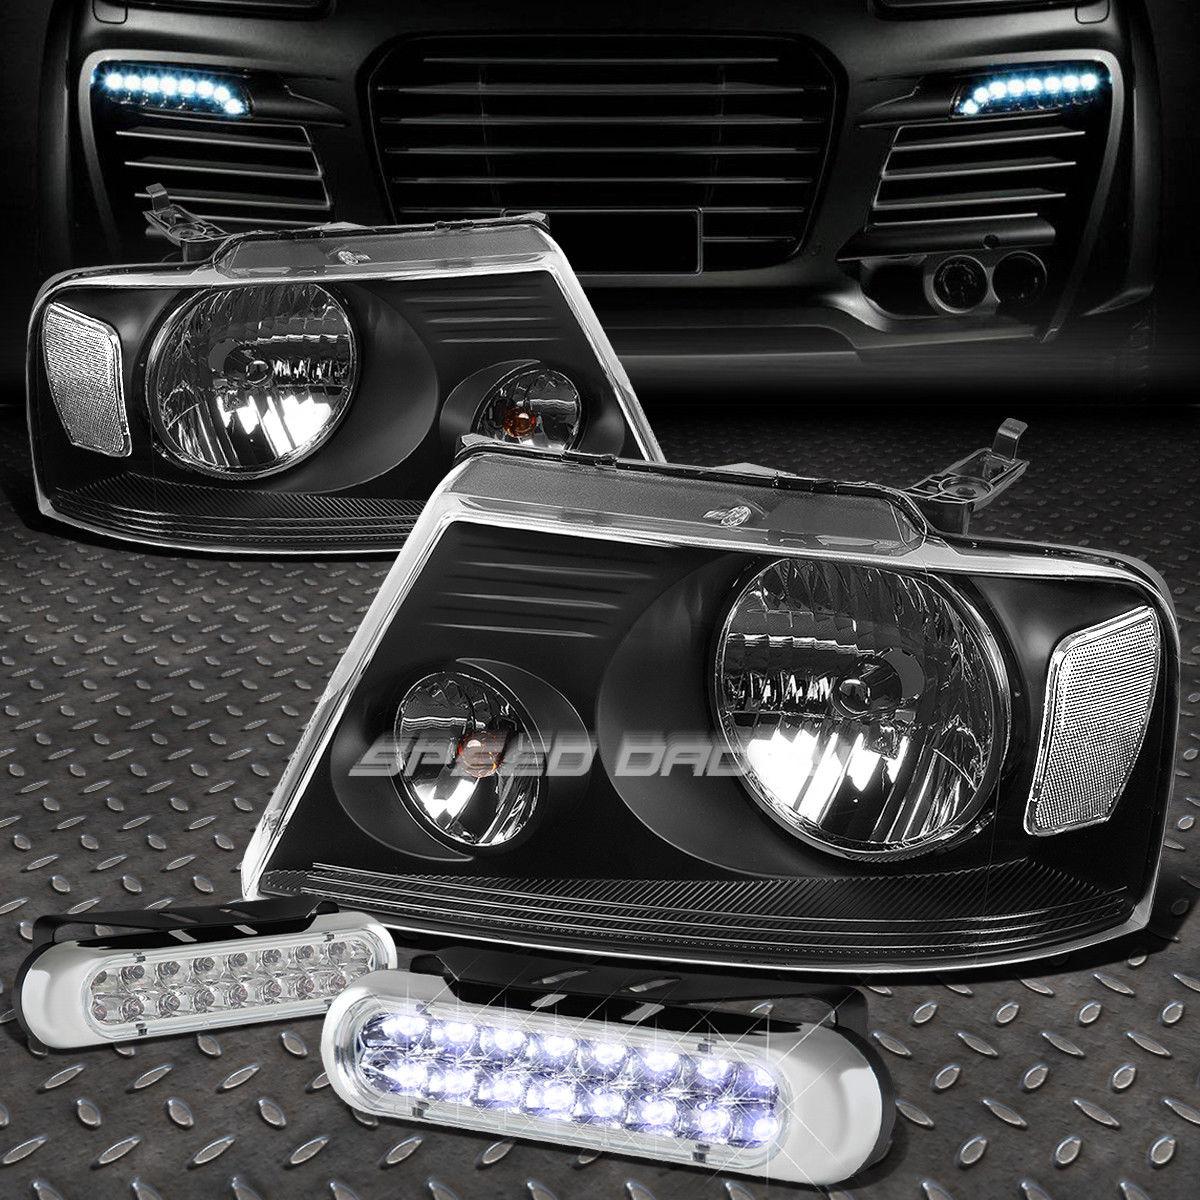 フォグライト BLACK HOUSING HEADLIGHT CLEAR CORNER+16 LED GRILL FOG LIGHT FOR 04-08 F150 ブラックハウジングヘッドライトクリアコーナー+ 04-08 F150用16グリルフォグライト